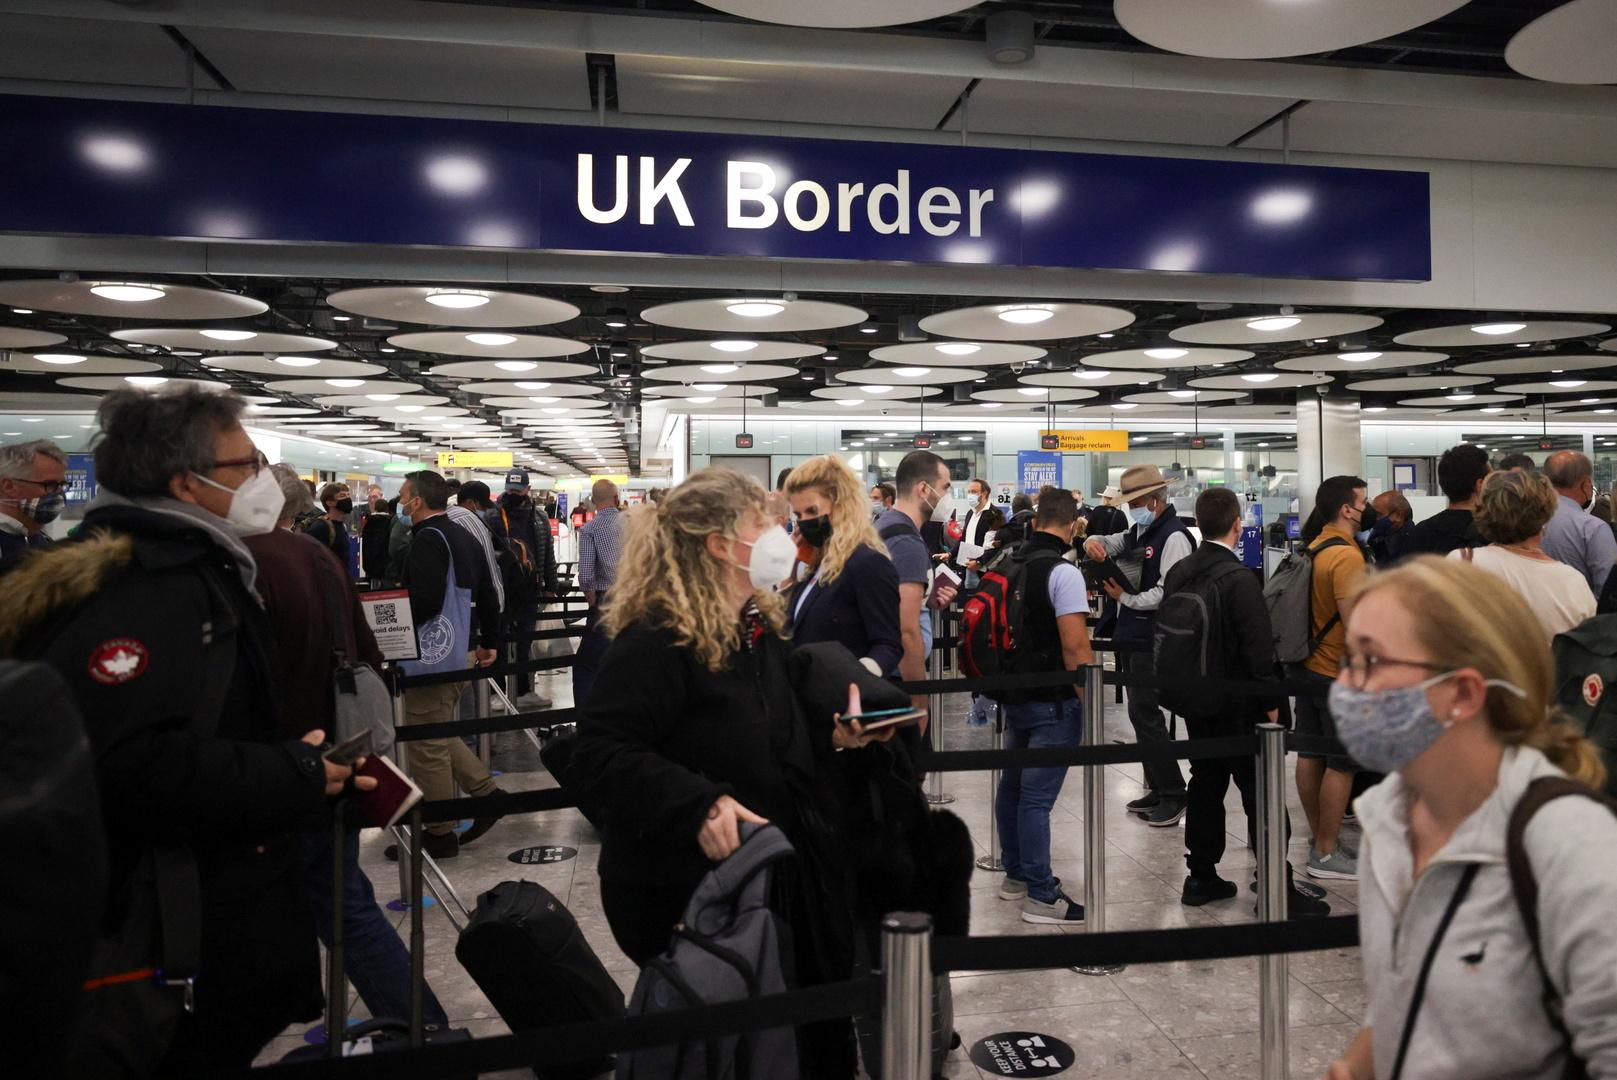 صحيفة: بريطانيا تسمح بدخول السياح الأوروبيين والأمريكيين الذين تلقوا جرعتين من اللقاح